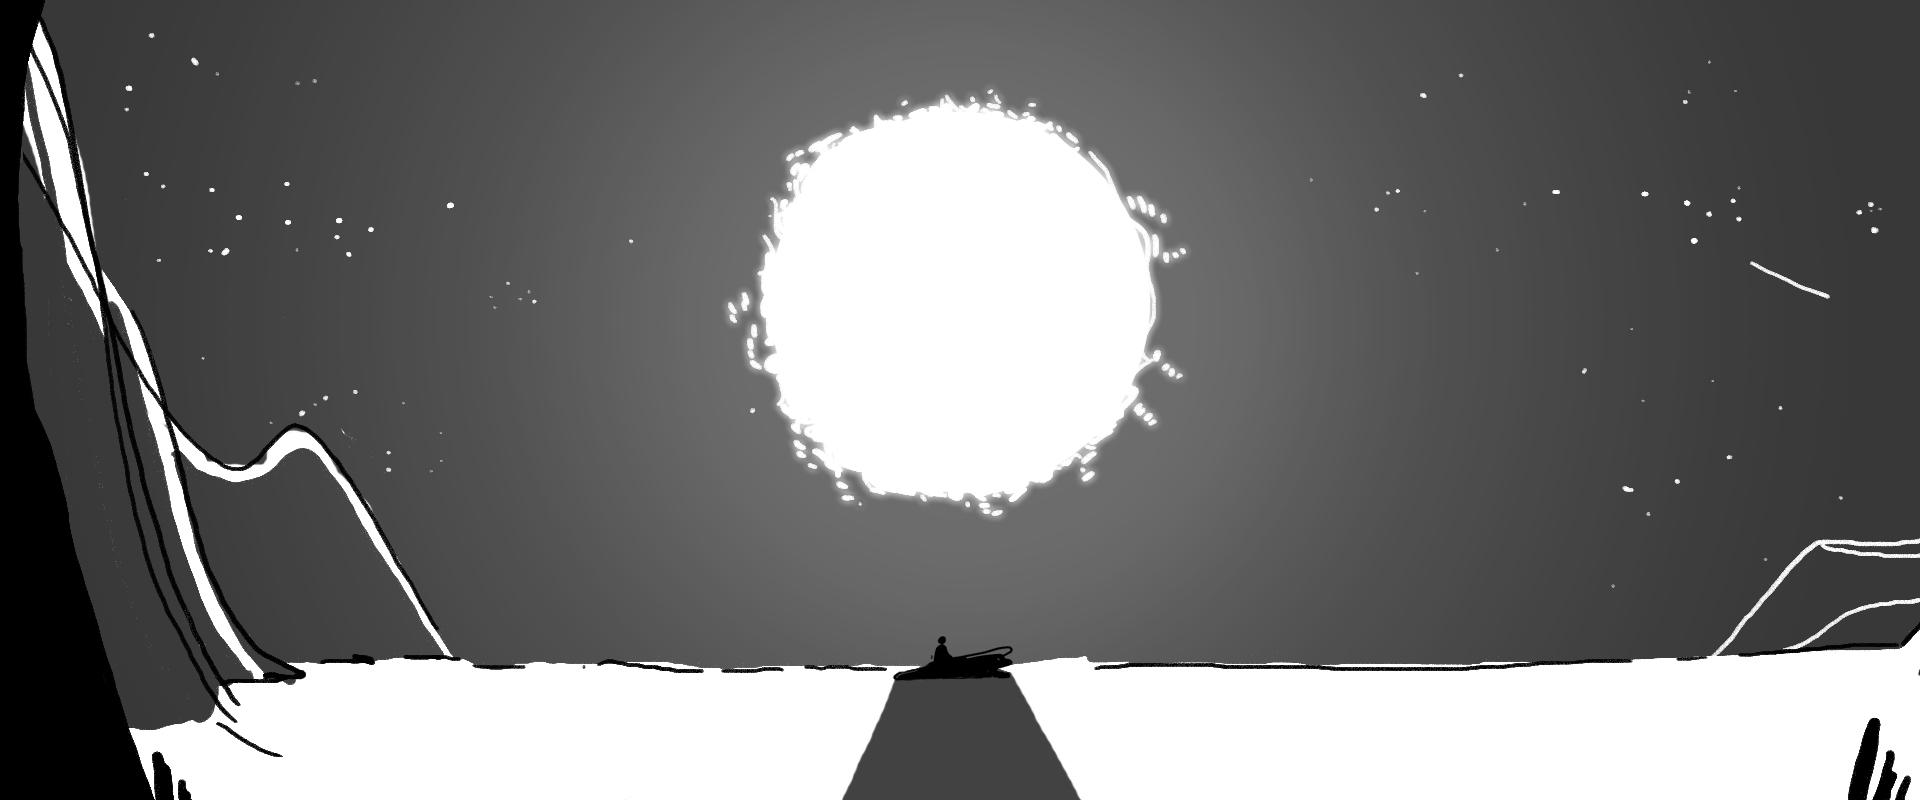 WI_space_7.5.jpg